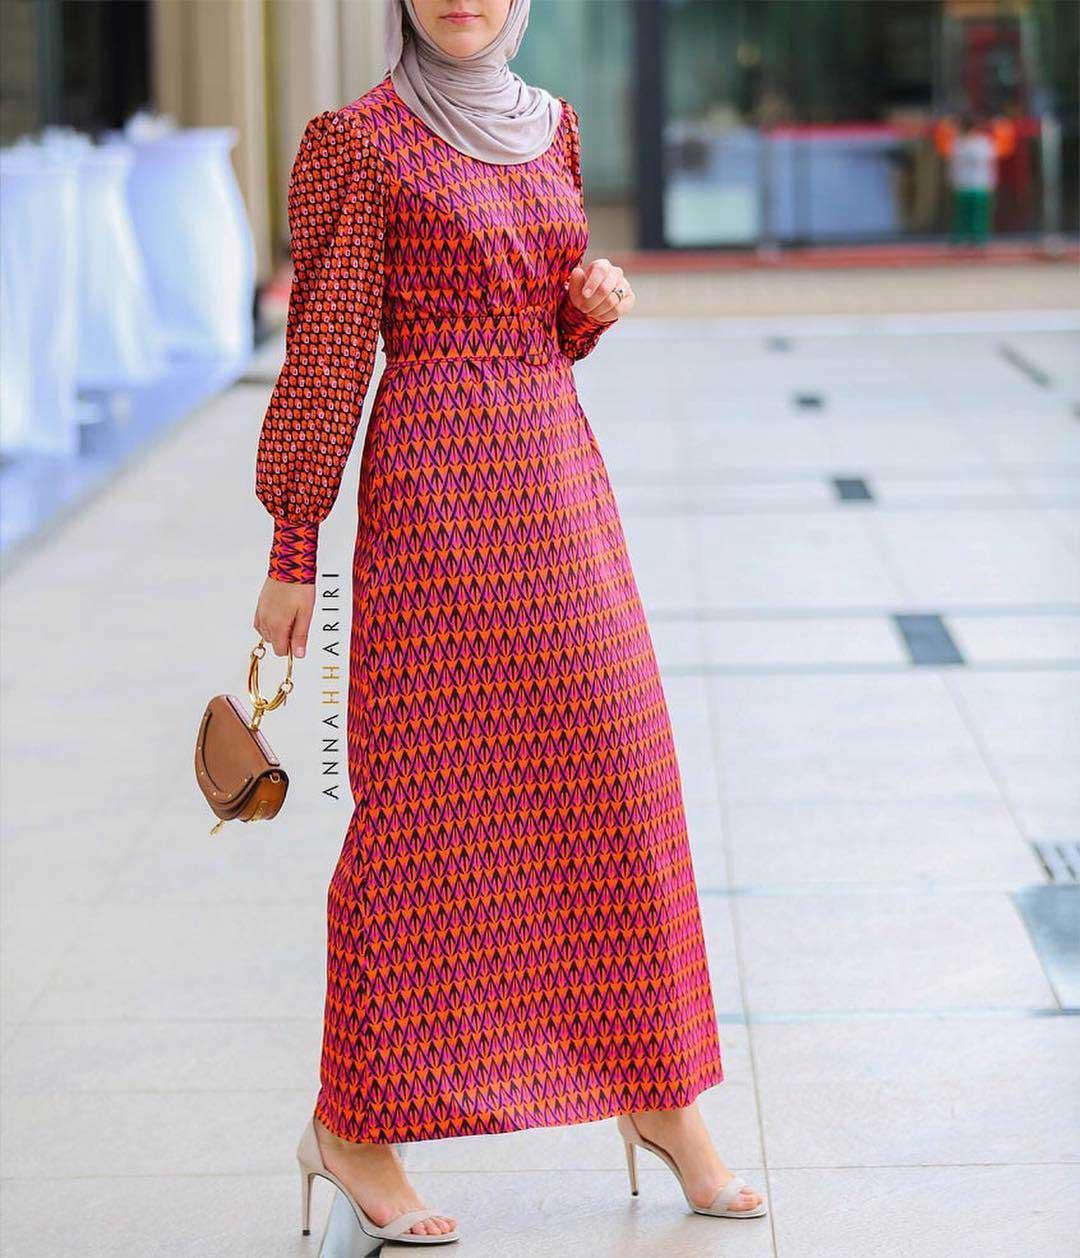 تفصيل فستان بدرجات اللون البرتقالي والفوشيا